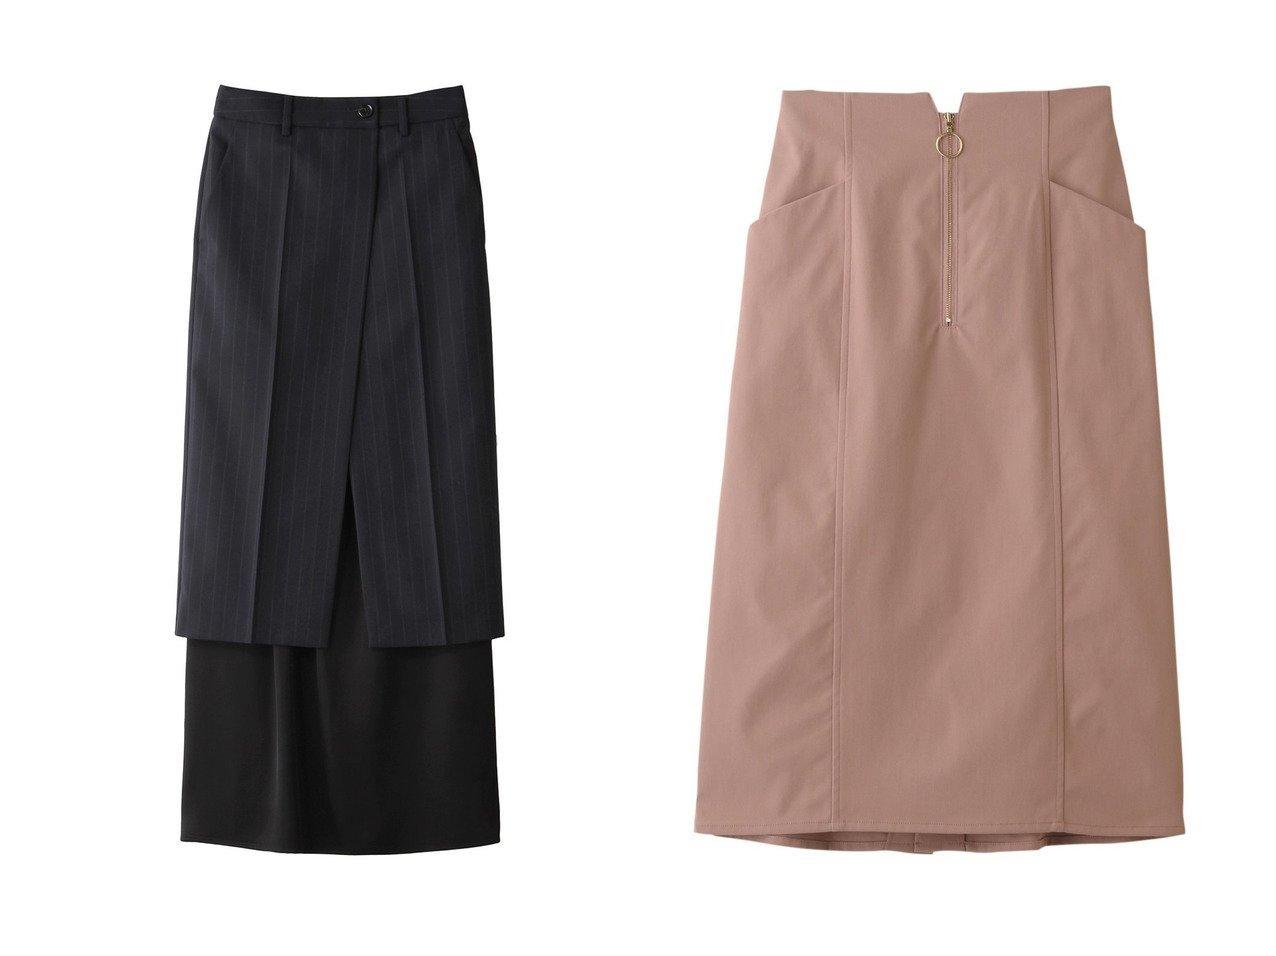 【31 Sons de mode/トランテアン ソン ドゥ モード】のフロントファスナータイトスカート&【MM6 Maison Martin Margiela/エムエム6 メゾン マルタン マルジェラ】のウール混ピンストライプスカート 【スカート】おすすめ!人気トレンド・レディースファッションの通販  おすすめで人気の流行・トレンド、ファッションの通販商品 メンズファッション・キッズファッション・インテリア・家具・レディースファッション・服の通販 founy(ファニー) https://founy.com/ ファッション Fashion レディースファッション WOMEN スカート Skirt ロングスカート Long Skirt スニーカー タイトスカート フォルム フロント 再入荷 Restock/Back in Stock/Re Arrival 春 Spring クール スタイリッシュ ストライプ スーツ ロング  ID:crp329100000030908